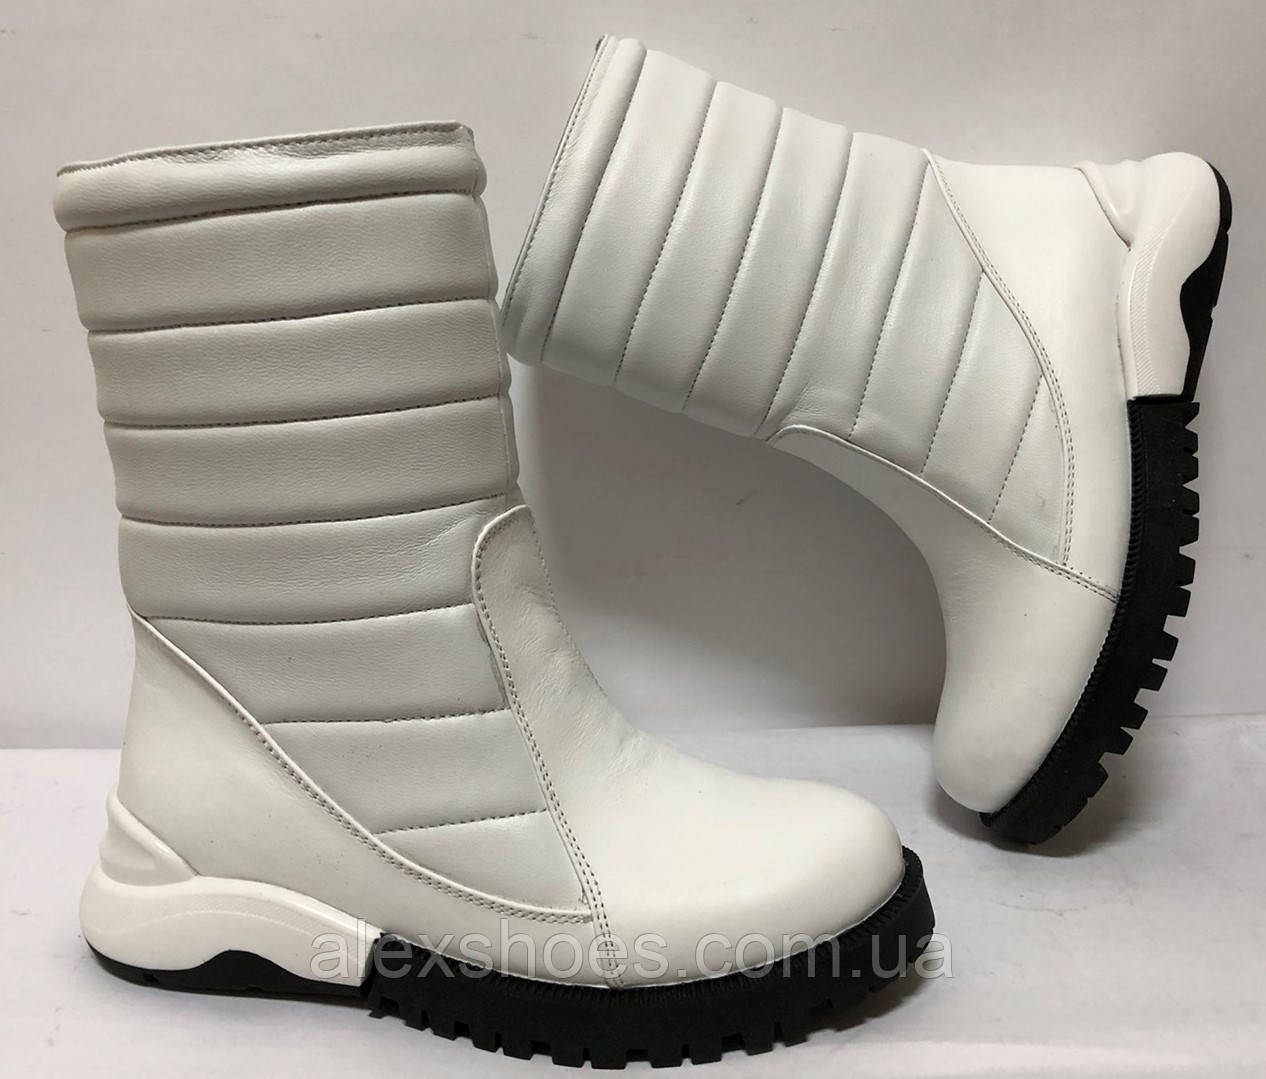 Сапоги дутыши молодежные зима из натуральной кожи от производителя модель ФС318